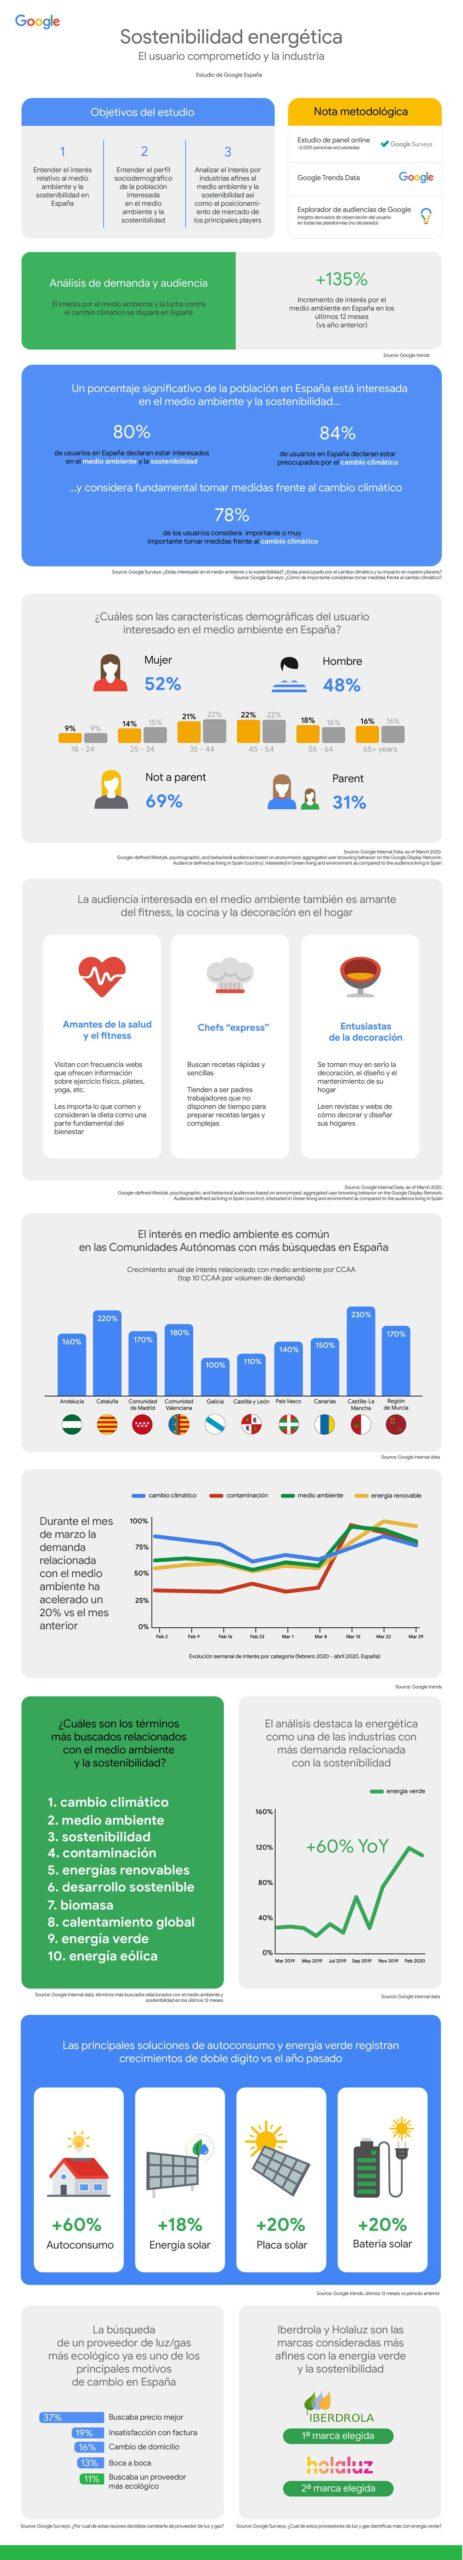 Sostenibilidad energética: el usuario comprometido y la industria #infografia #medioambiente